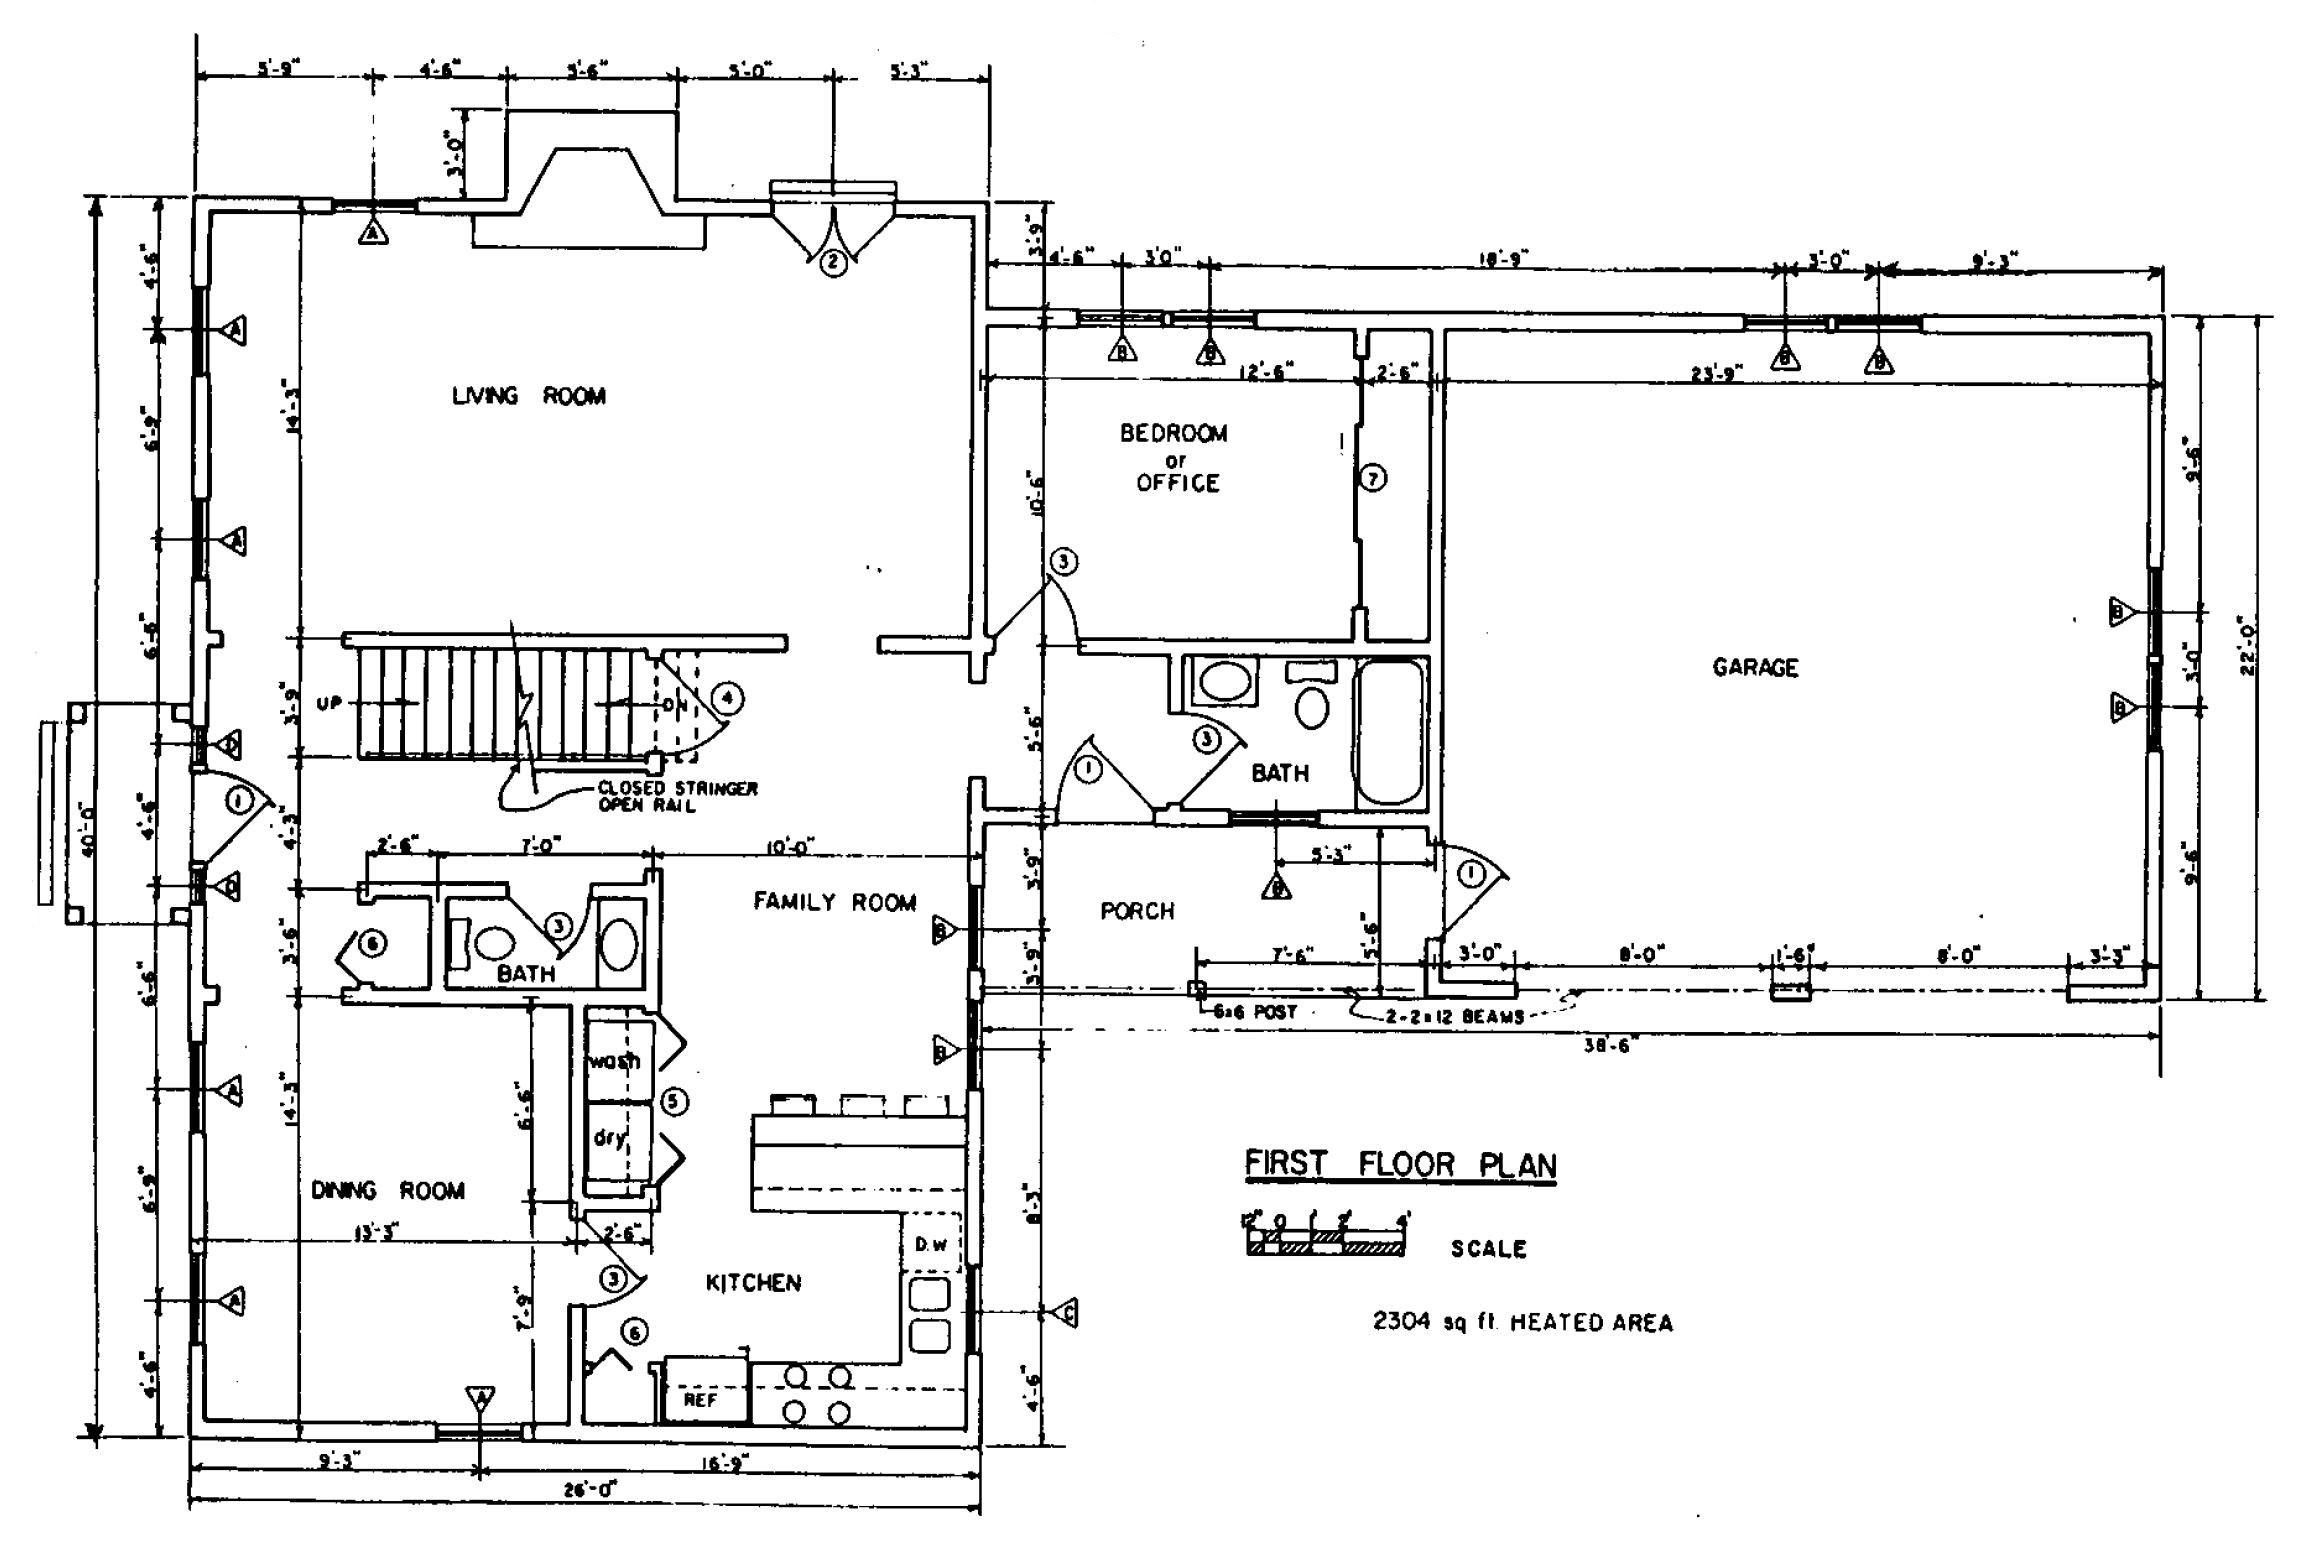 Printable Small House Plans Unique House Plans Free | Home Design Ideas - Free Printable Small House Plans